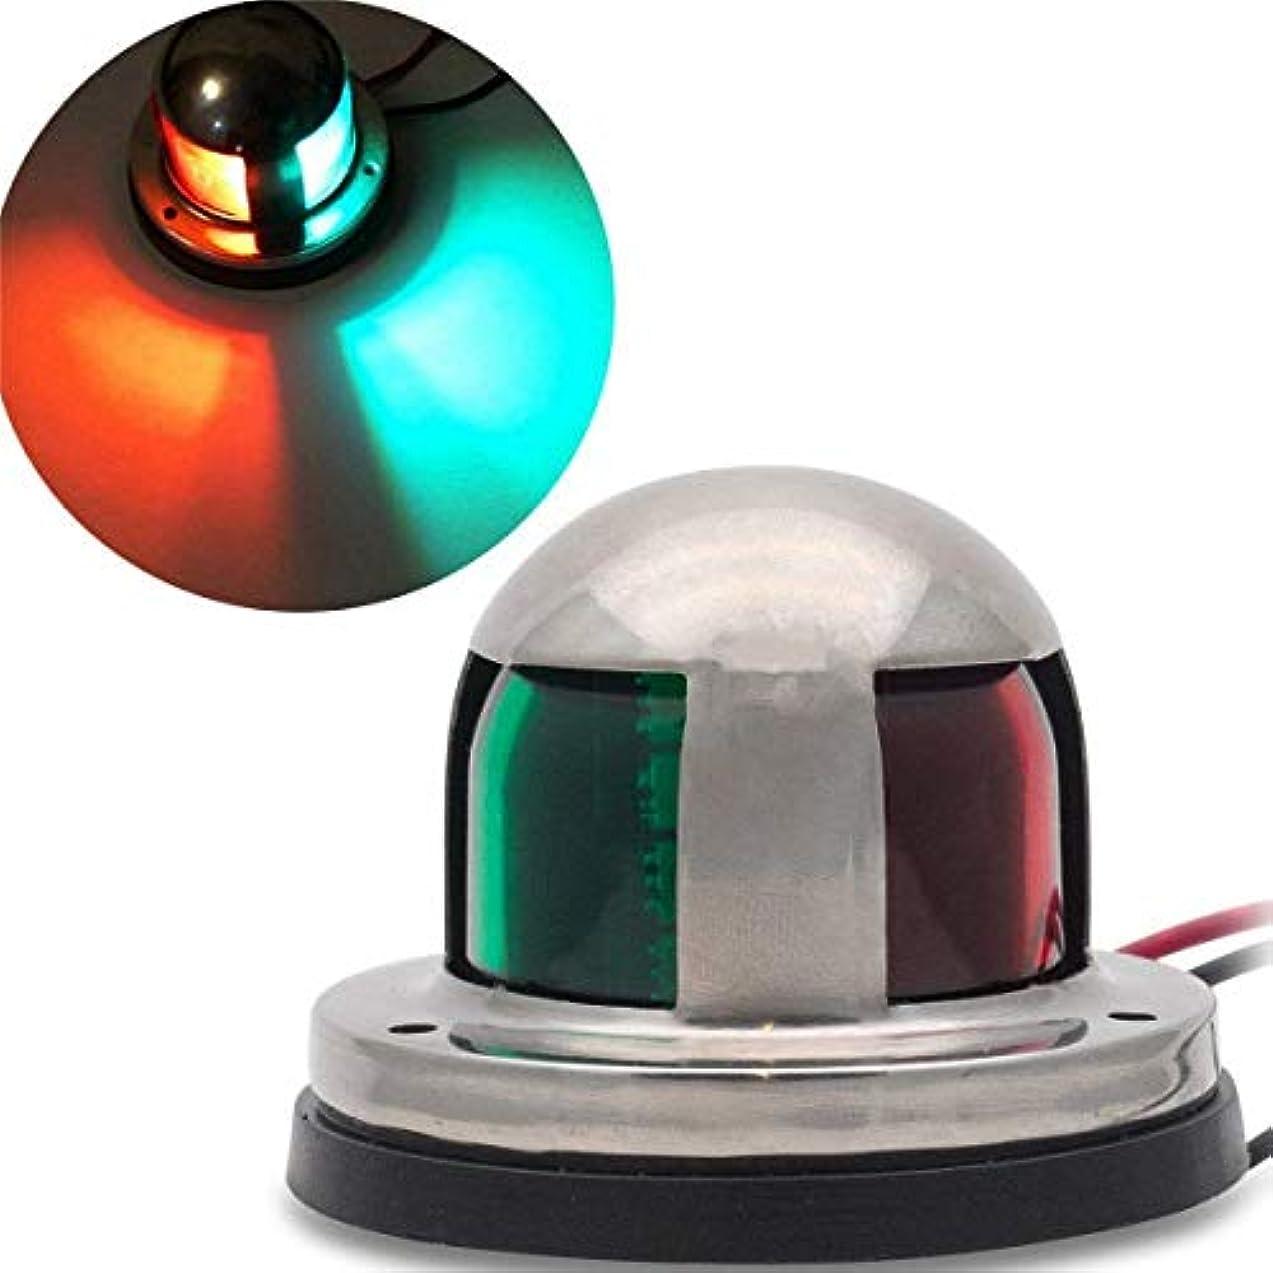 銅放牧する乞食Semoic ボート信号照明、2 IN 1グリーン&レッドステンレス鋼海洋ヨットの弓のナビゲーションLEDライトパックにつき1個